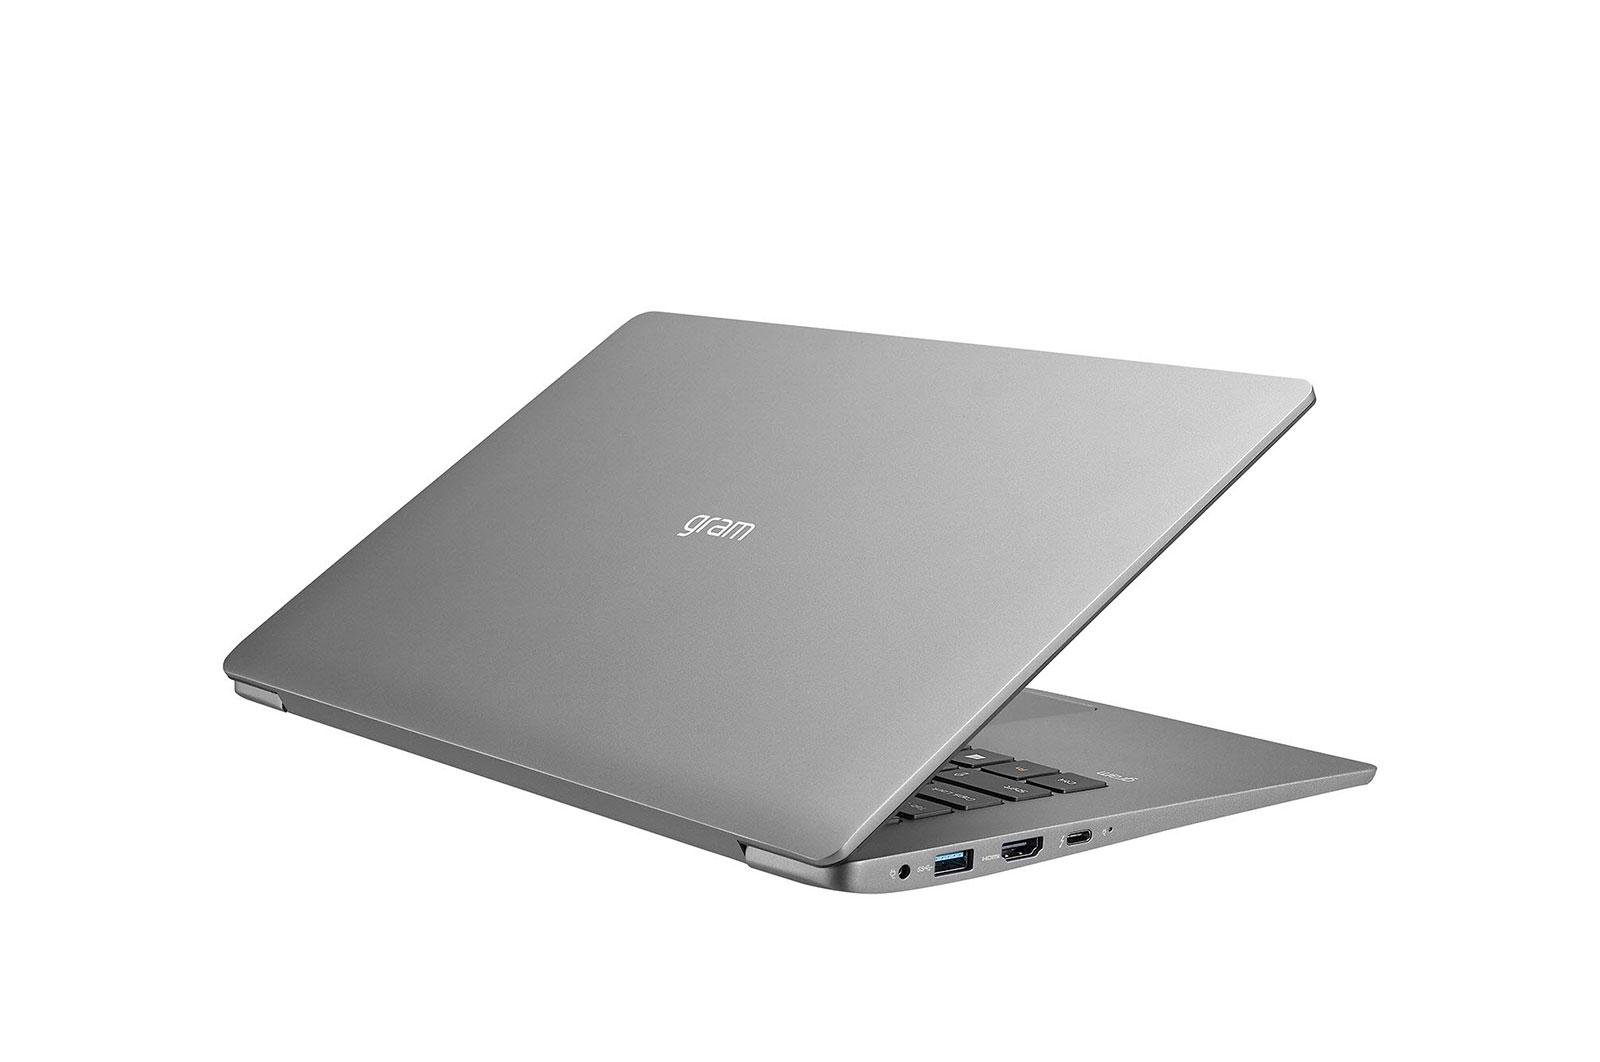 Mới 100% Full box] Laptop LG Gram 2020 14Z90N-V.AR52A5 - Hàng chính hãng